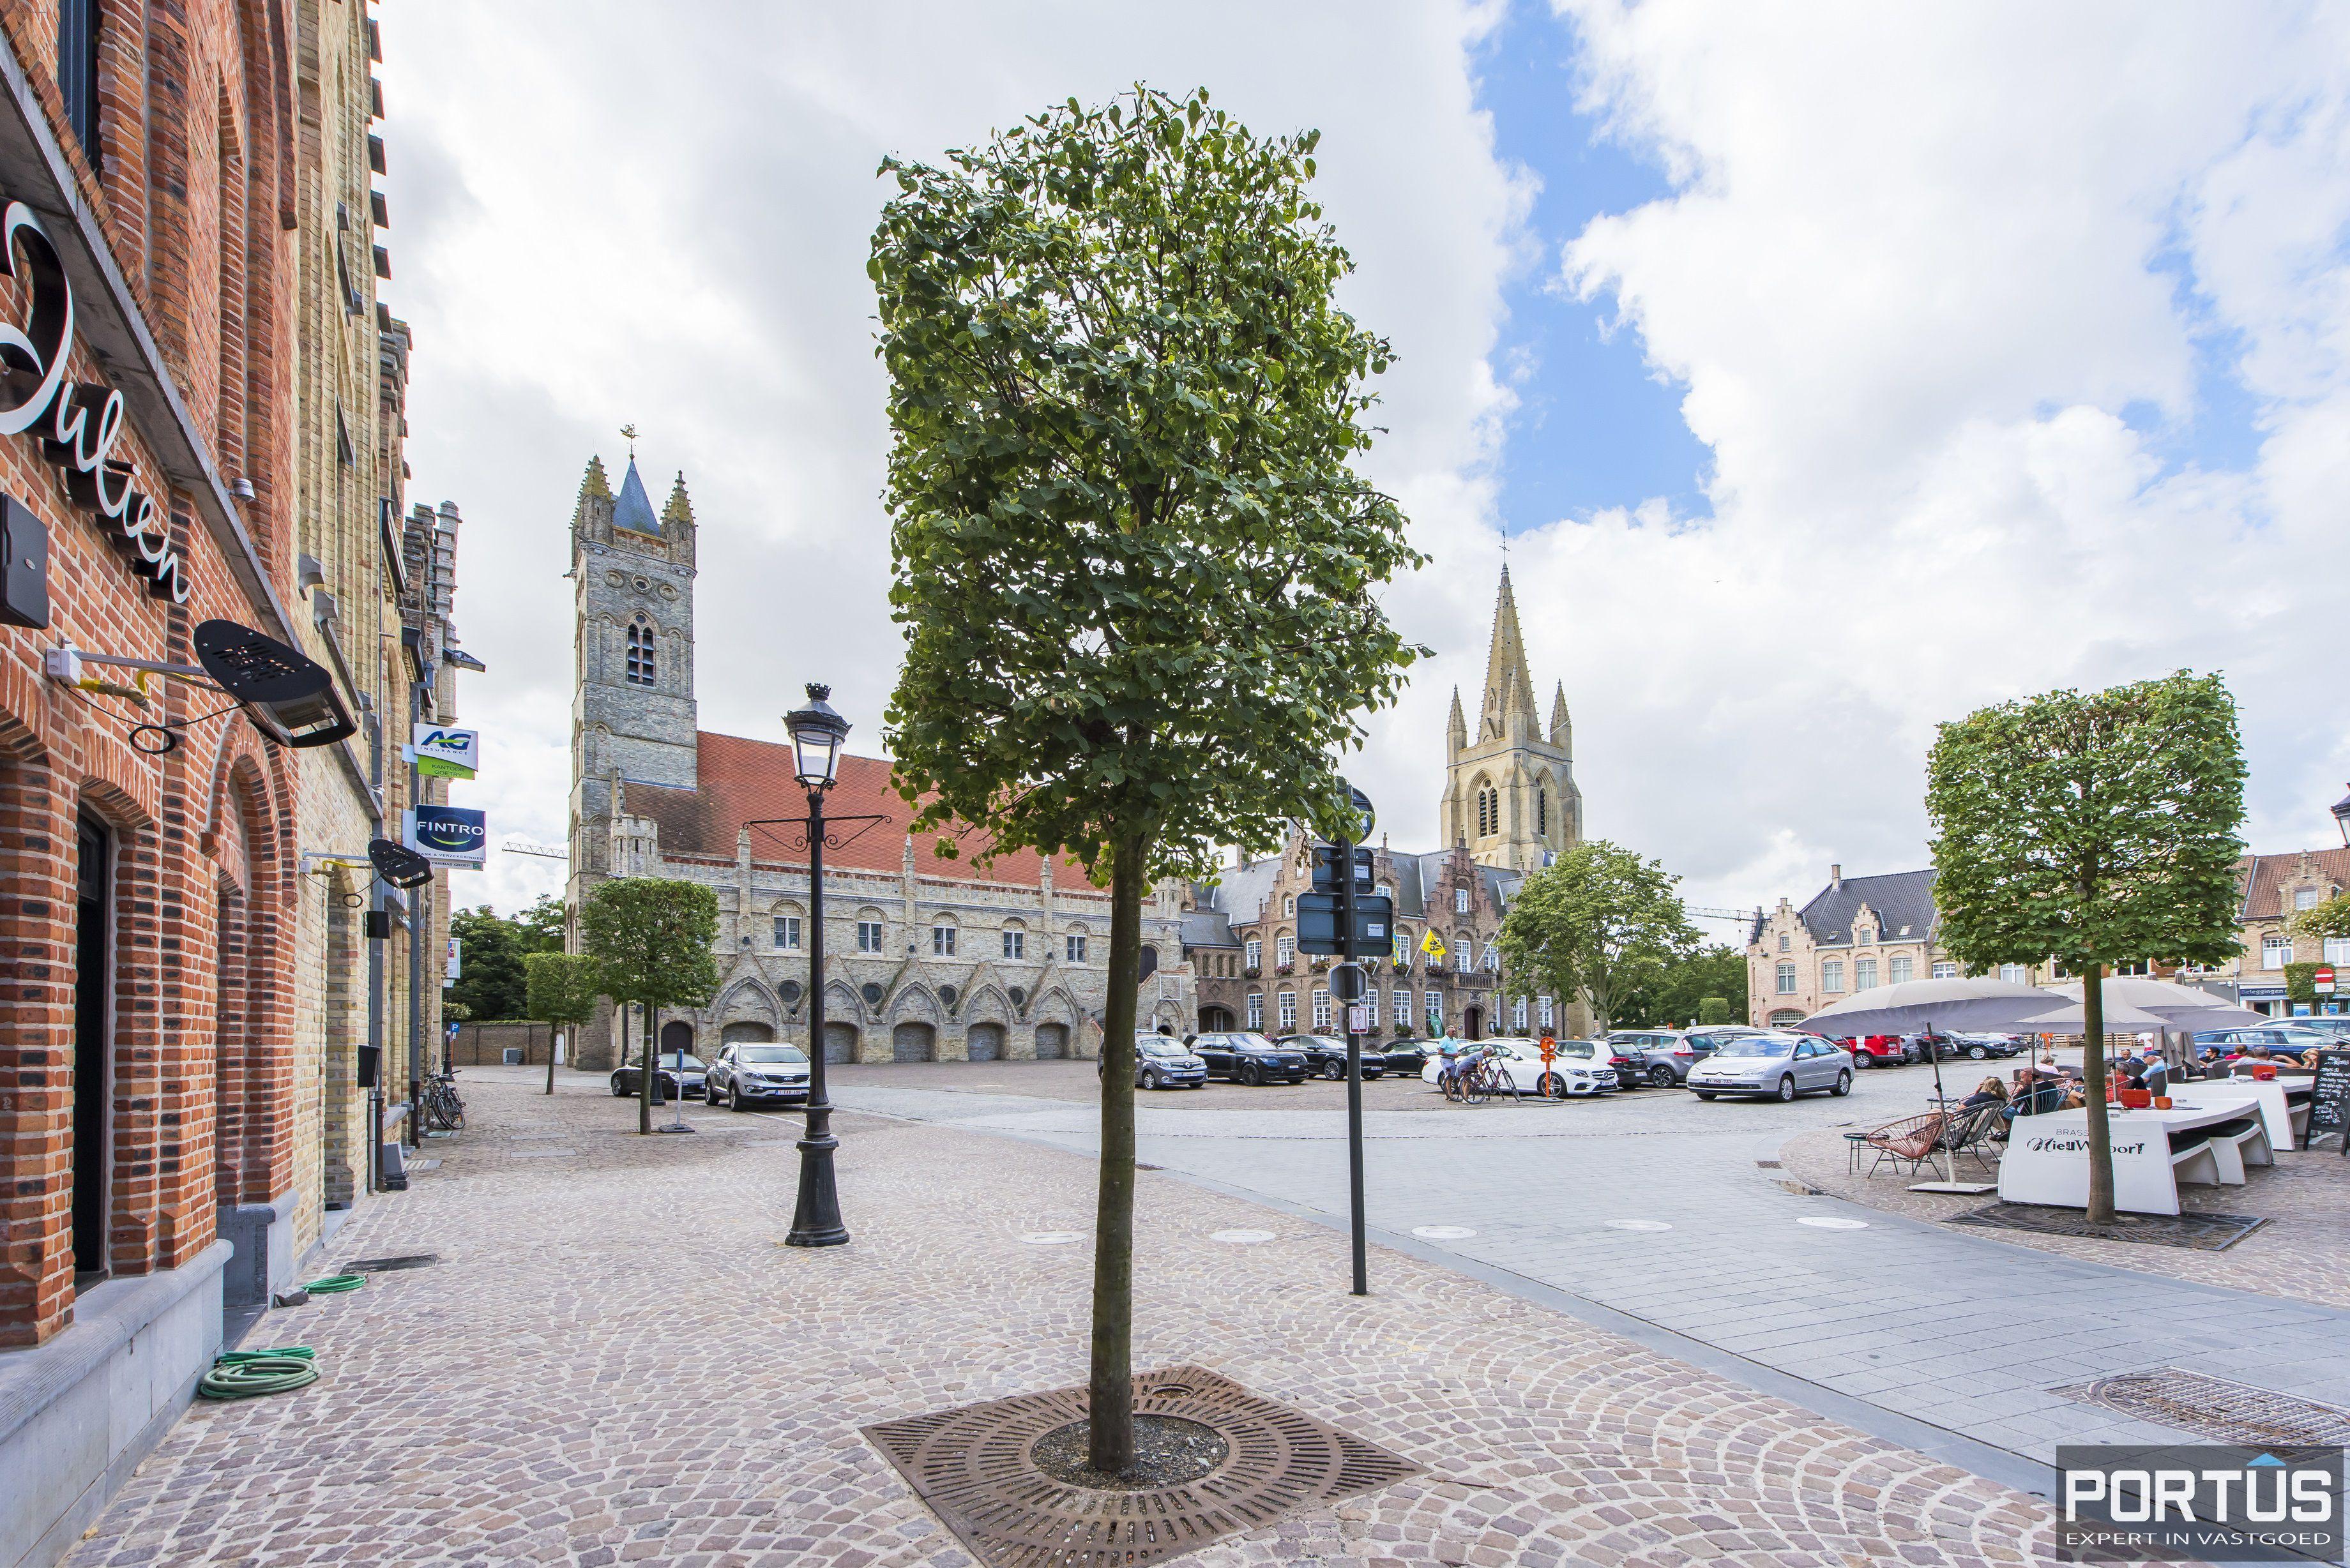 Appartement 3 slaapkamers te koop Marktplein Nieuwpoort - 9927